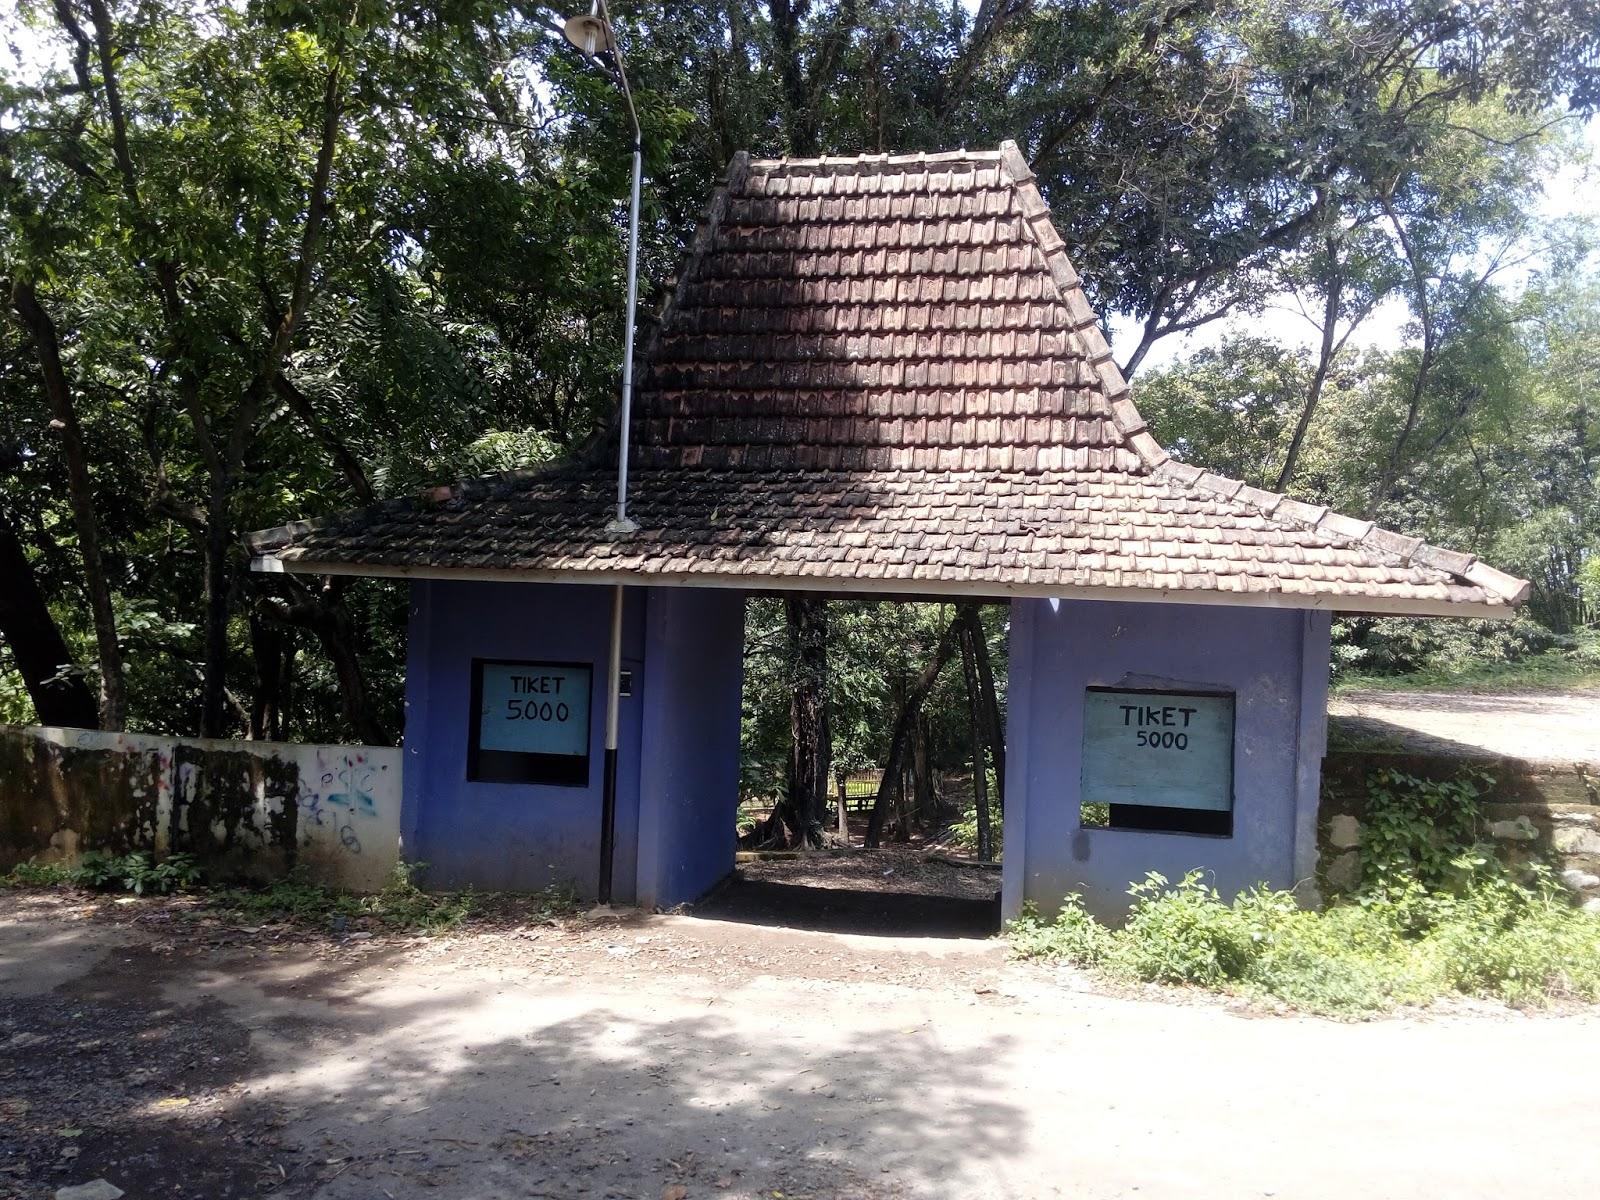 Destinasi Wisata Sendang Jodo Purworejo Bae Kudus Jawa Tengah